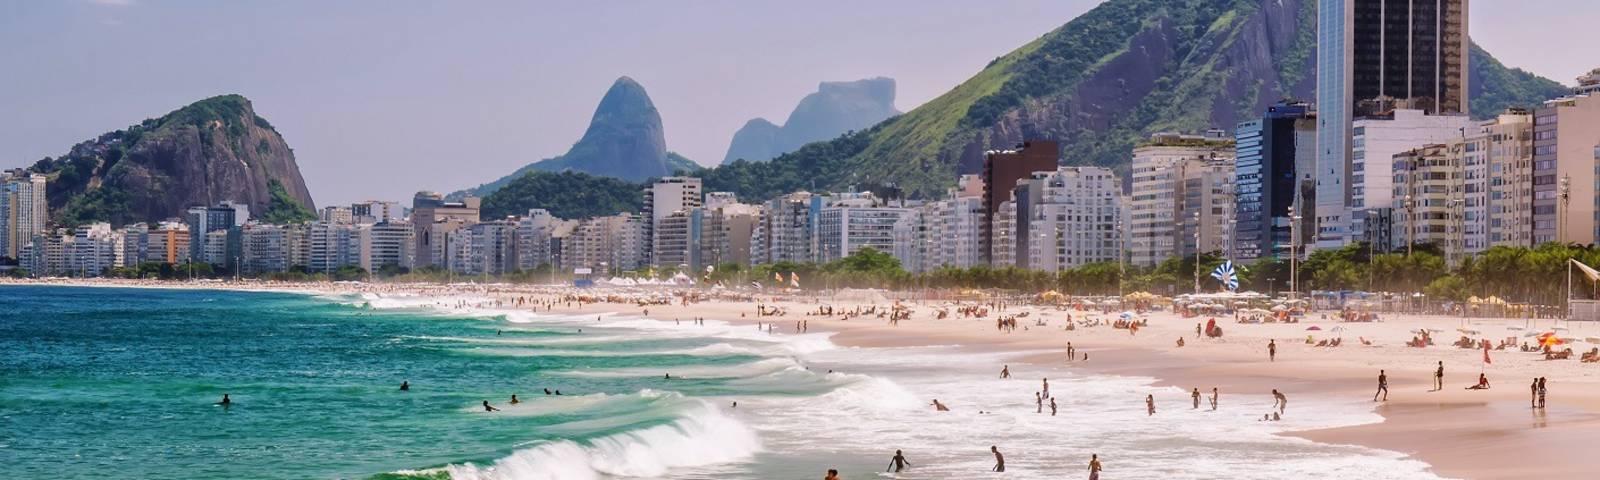 Die Strände gehören zu den beliebtesten Sehenswürdigkeiten in Rio de Janeiro